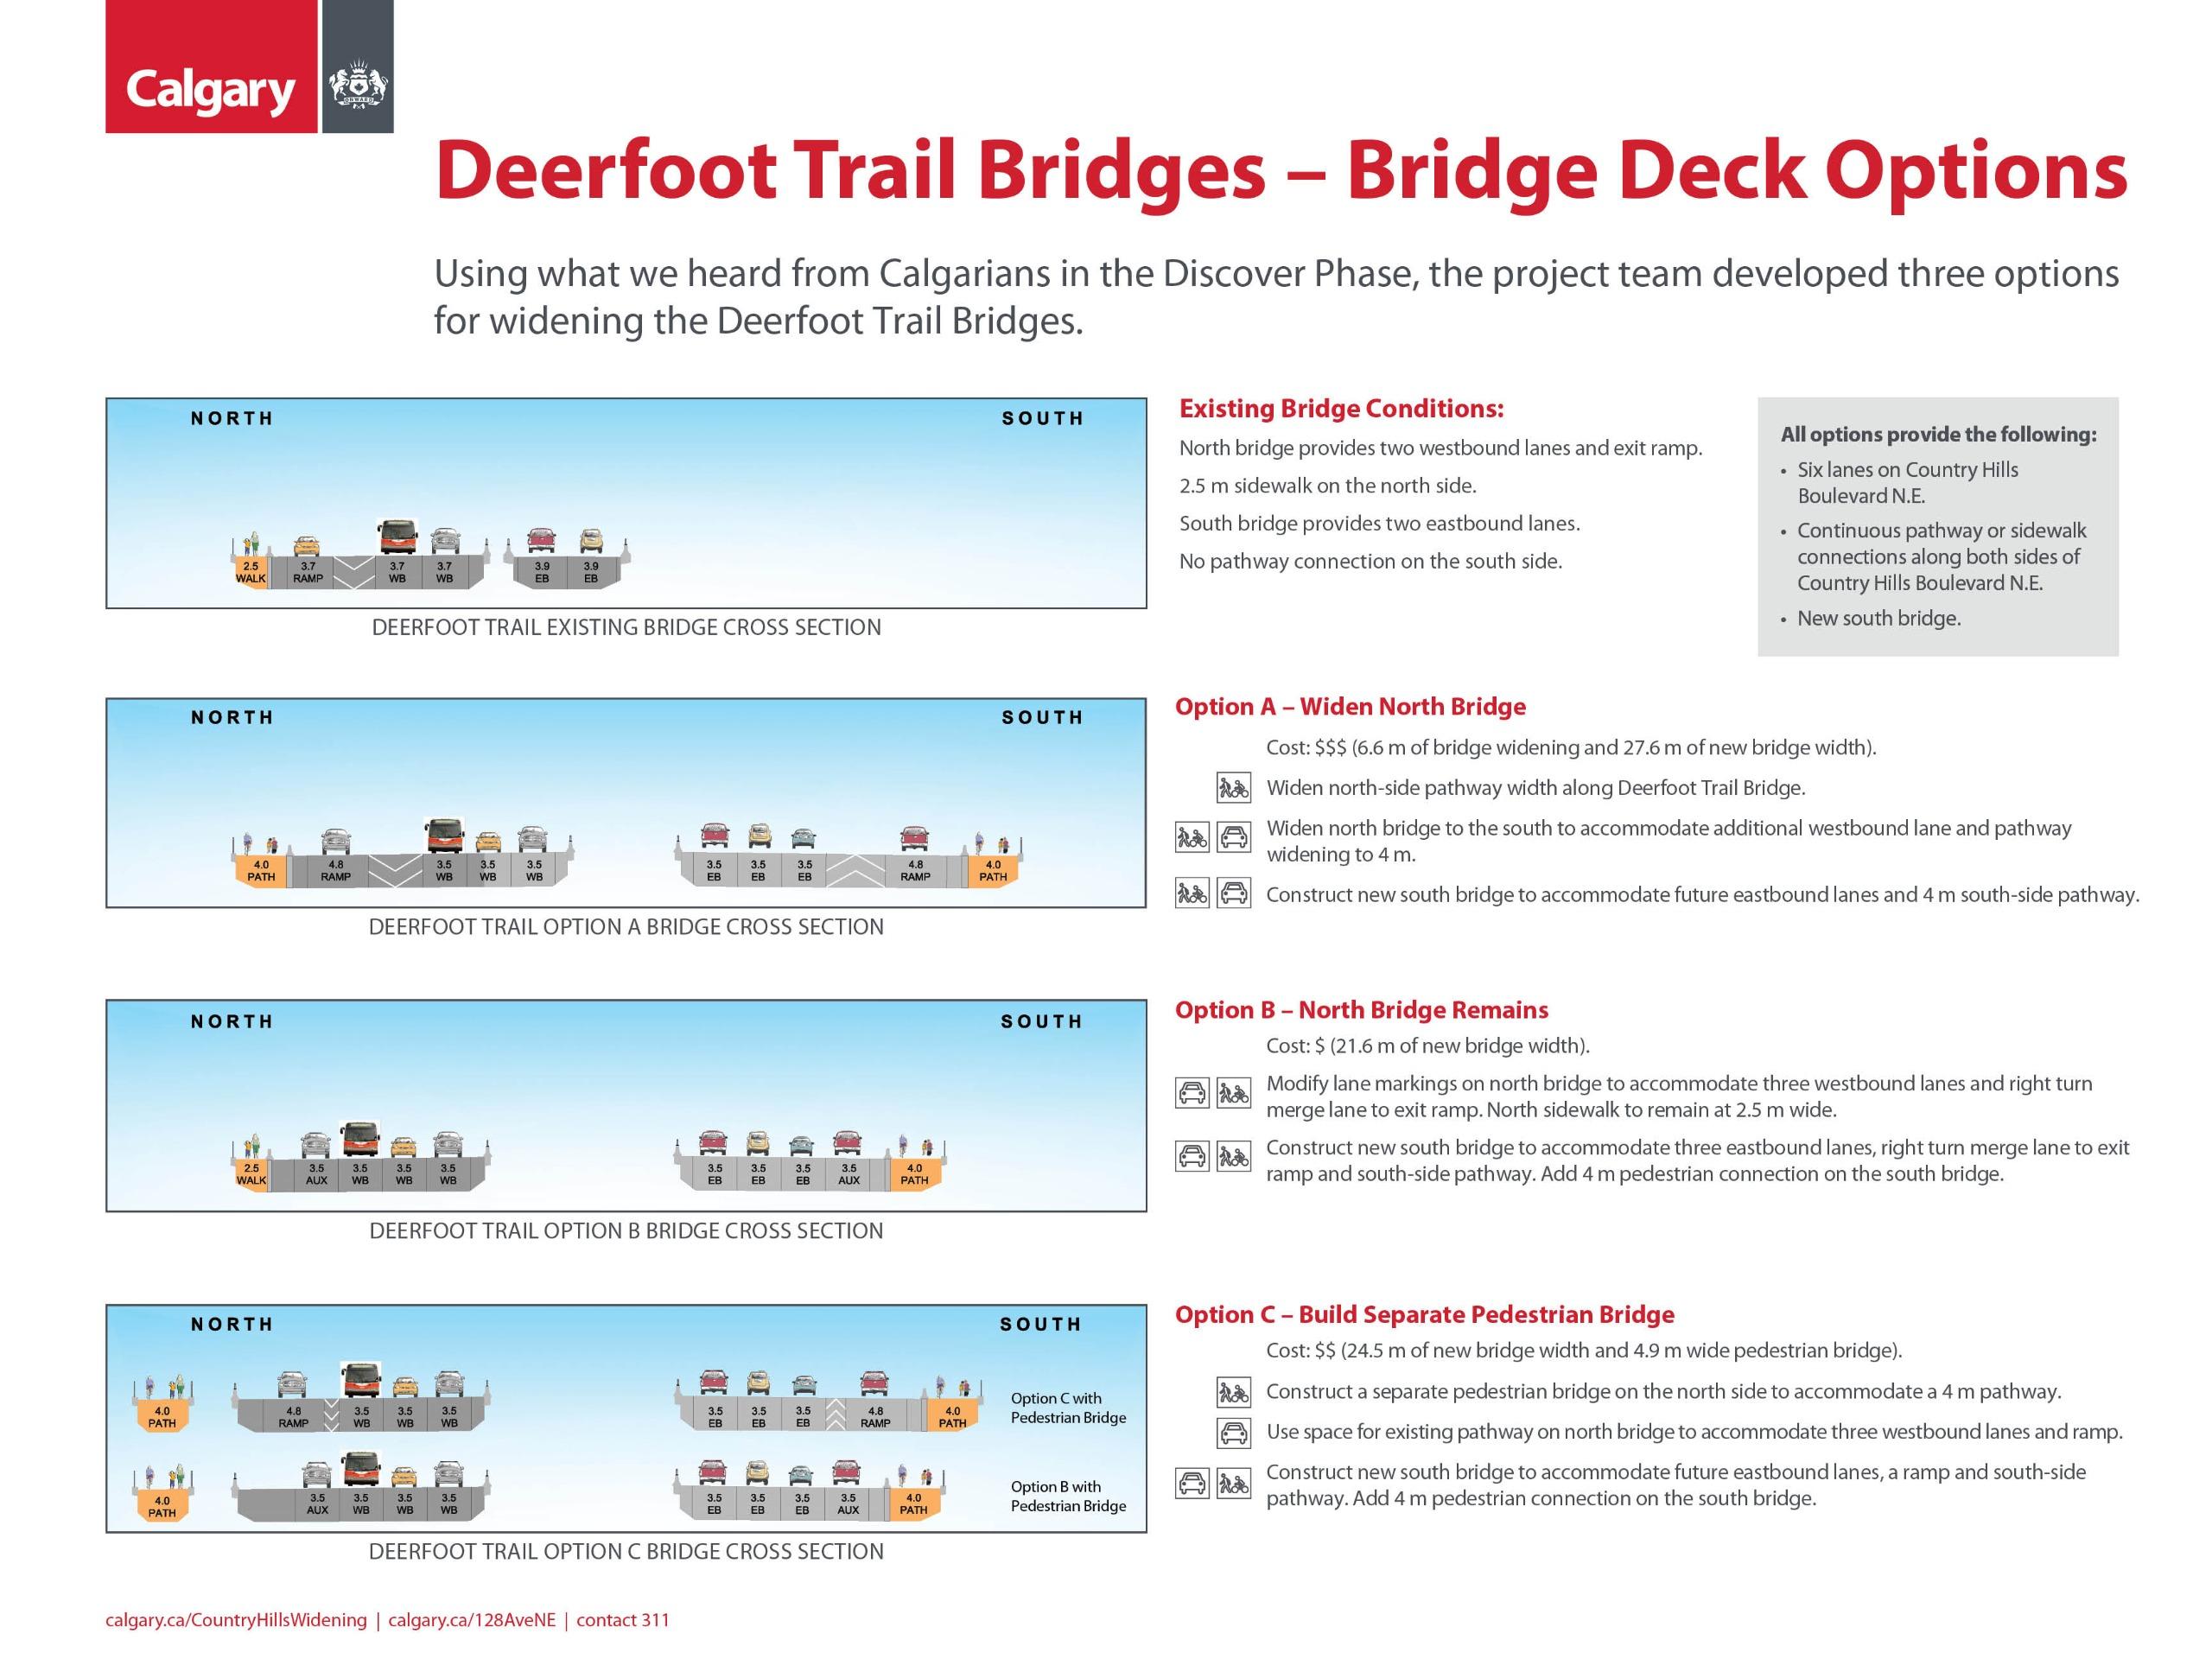 Deerfoot Bridge Deck Options